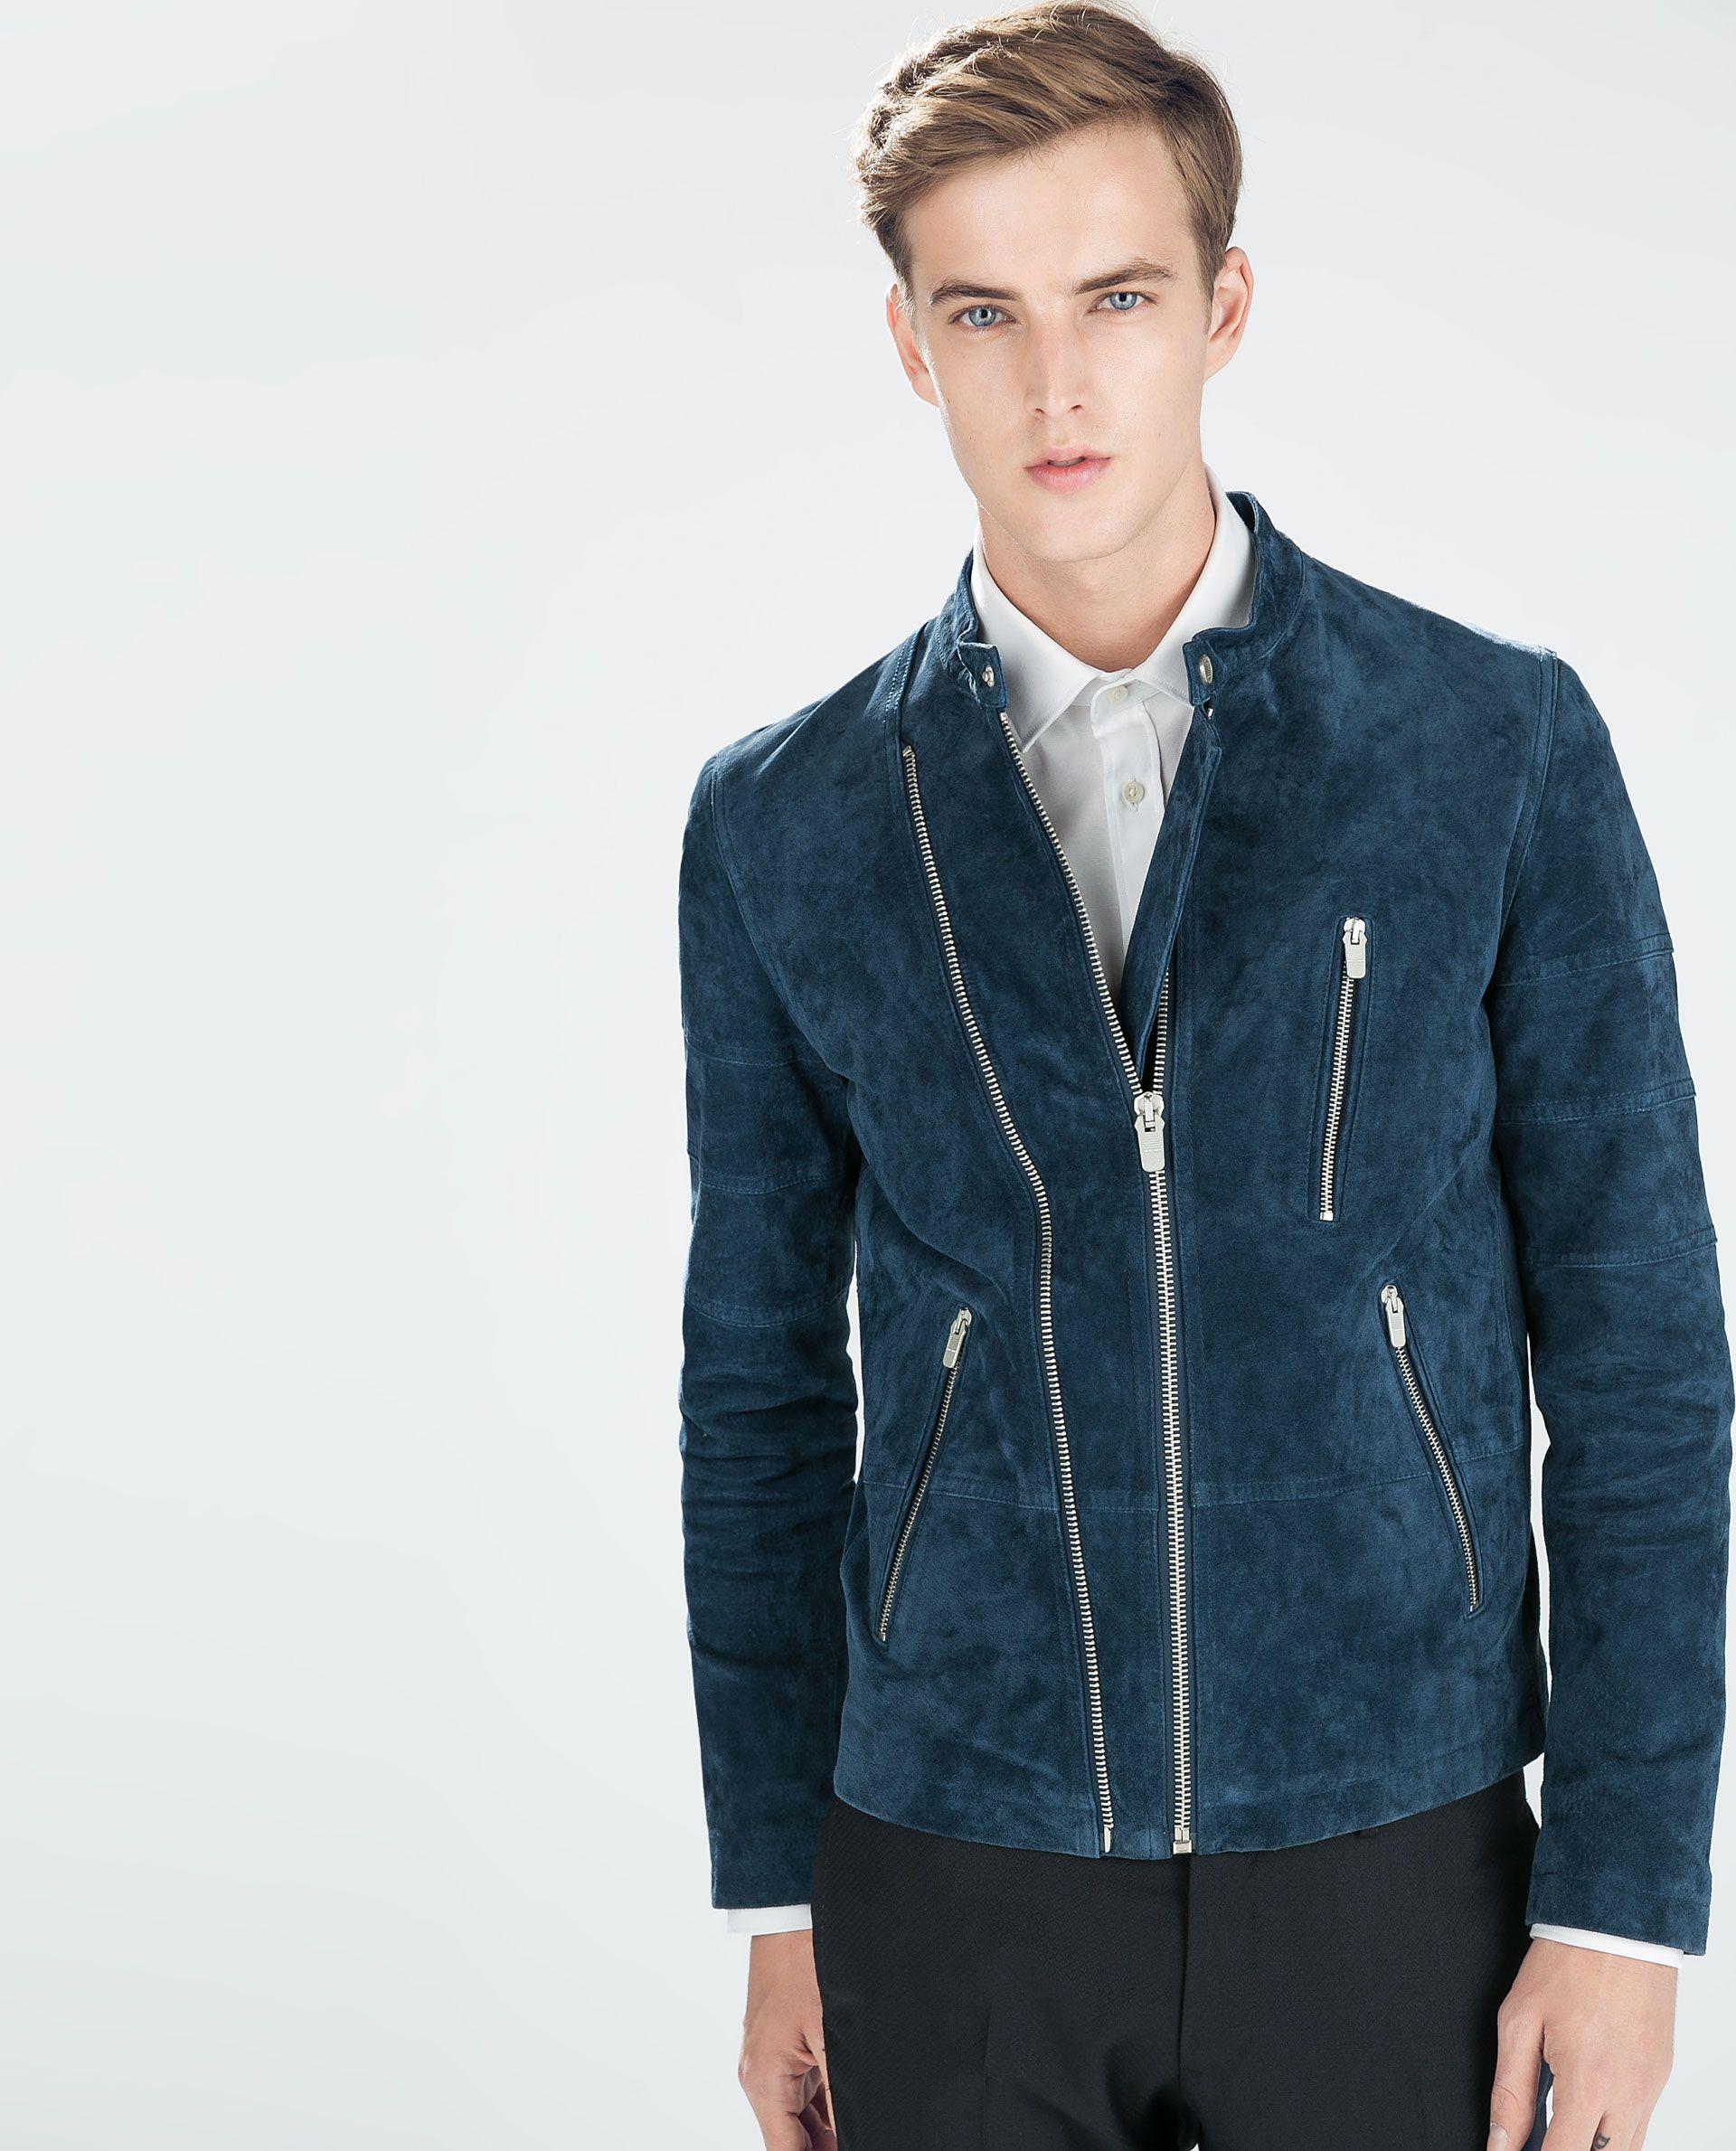 Double Zip Suede Jacket Jackets Man Zara Germany Suede Jacket Outfit Blue Suede Jacket Jackets